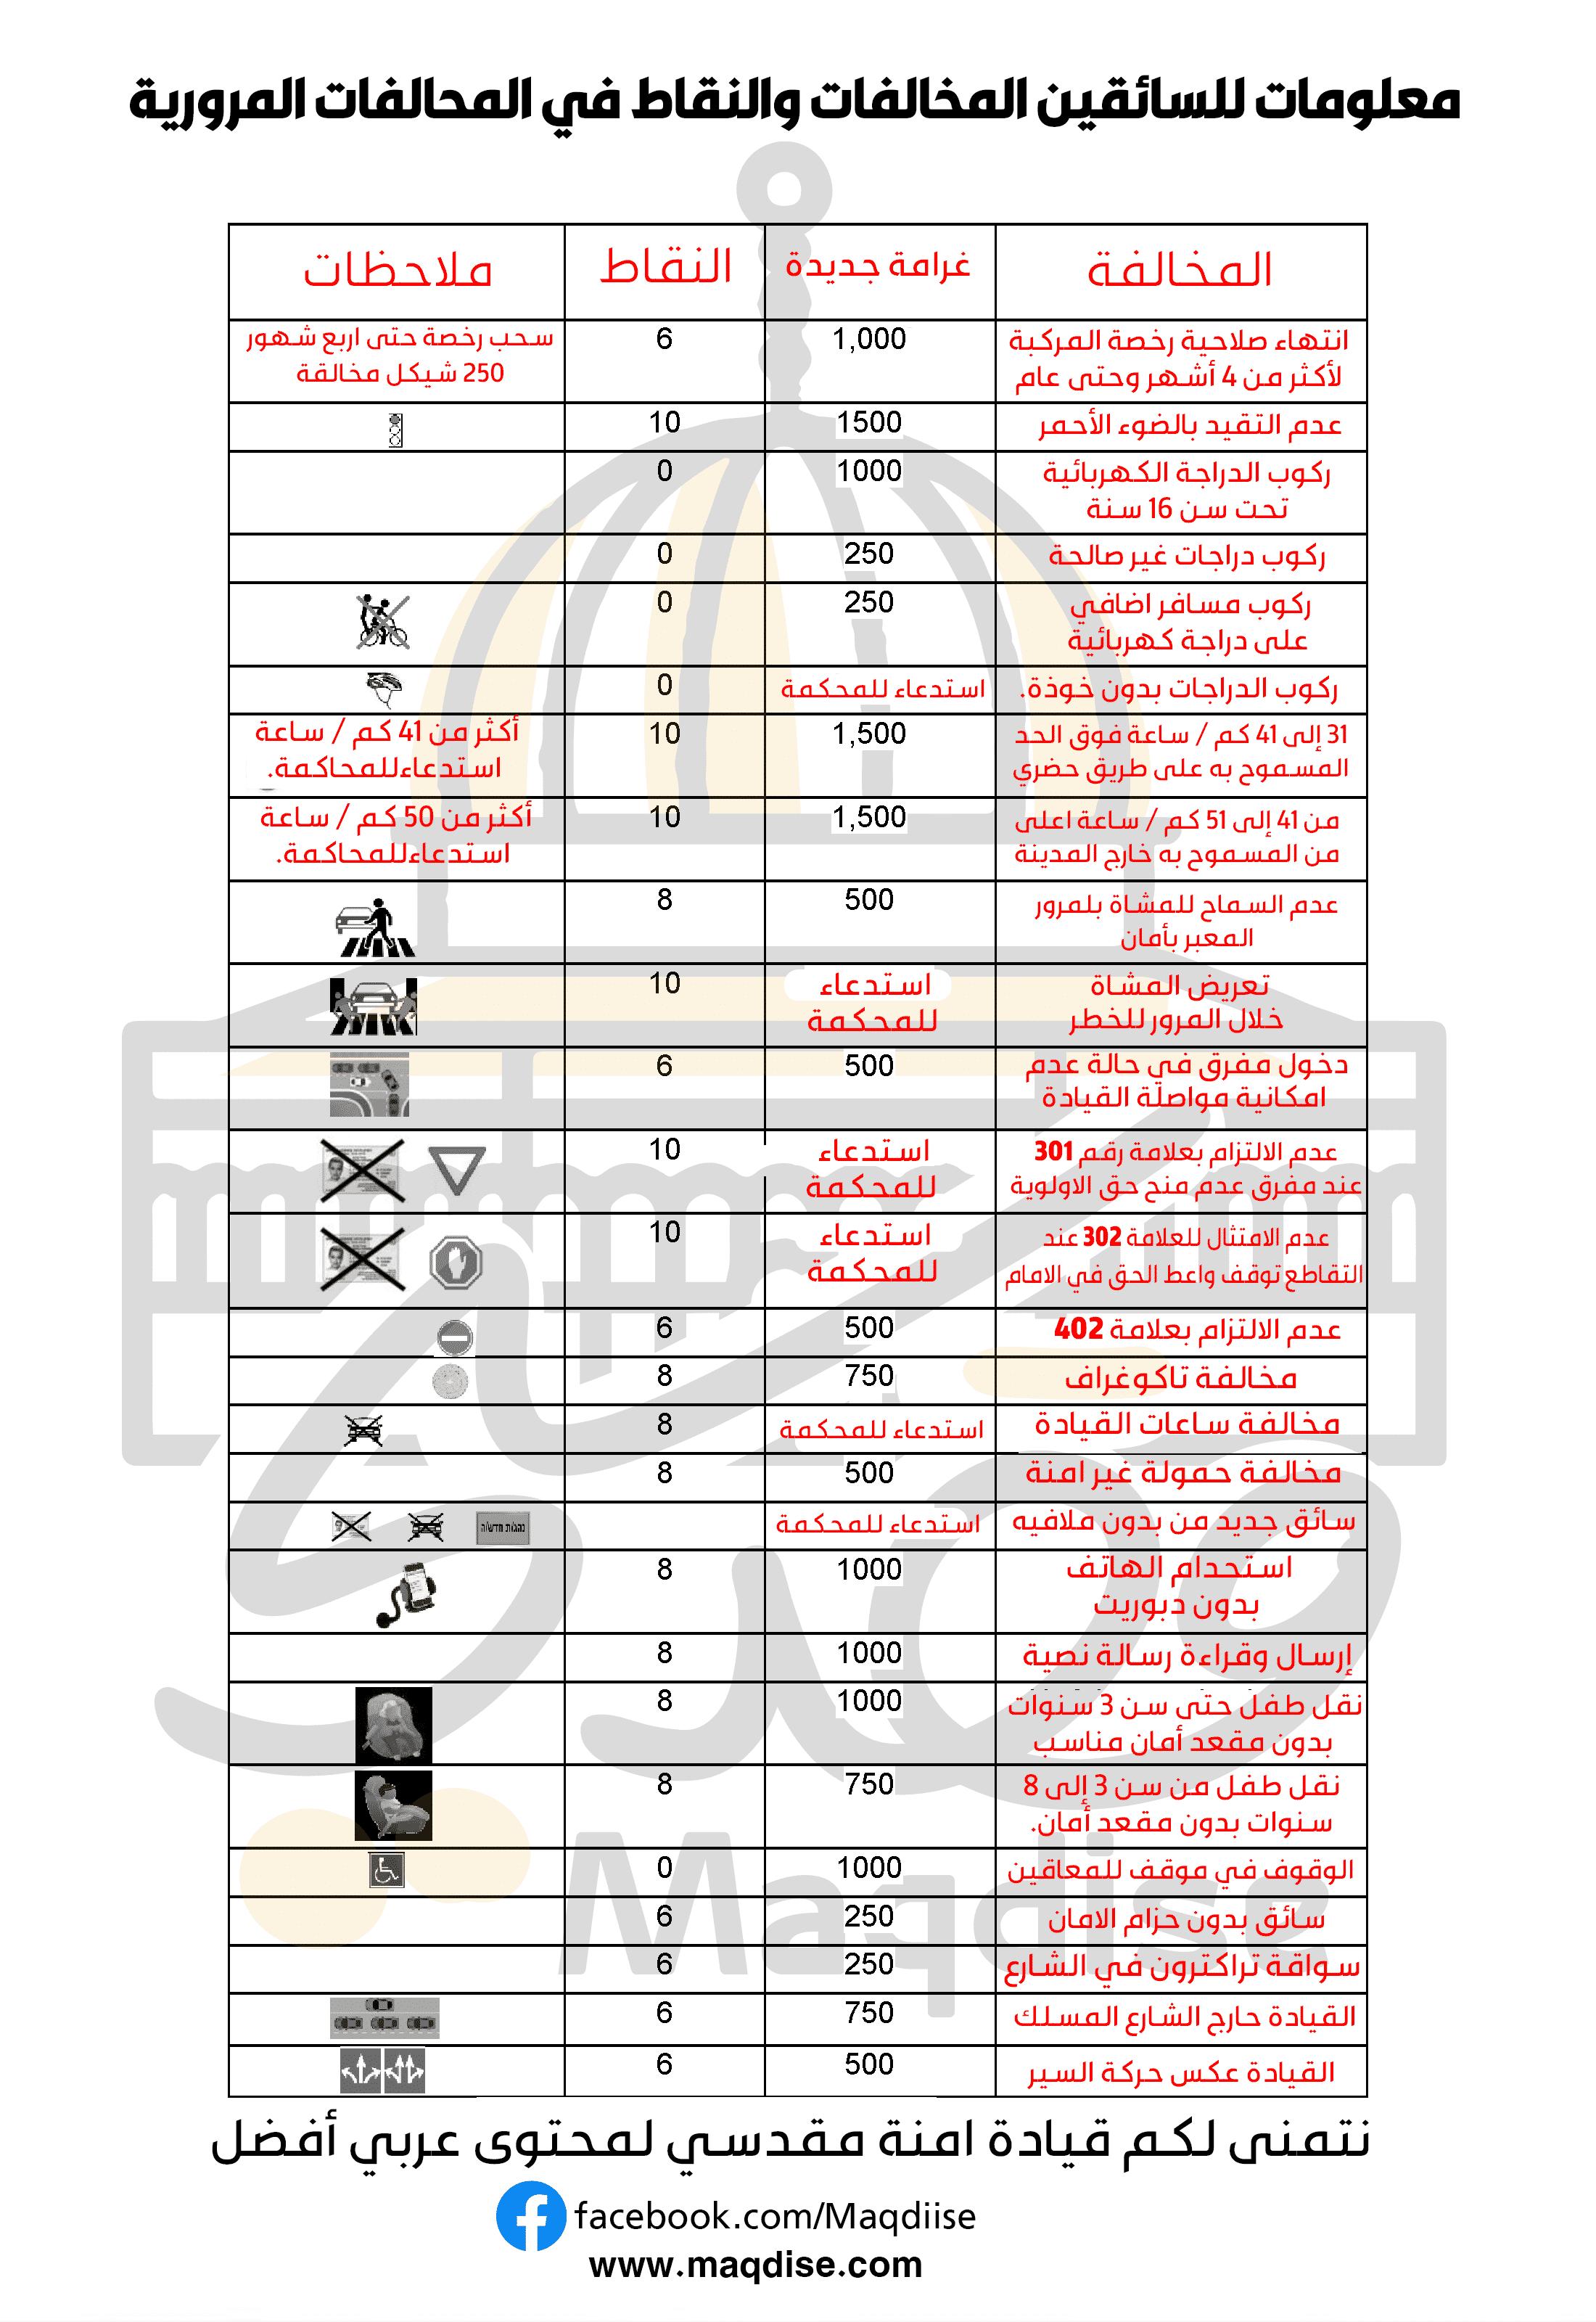 معلومات للسائقين المخالفات والنقاط في المحالفات المرورية